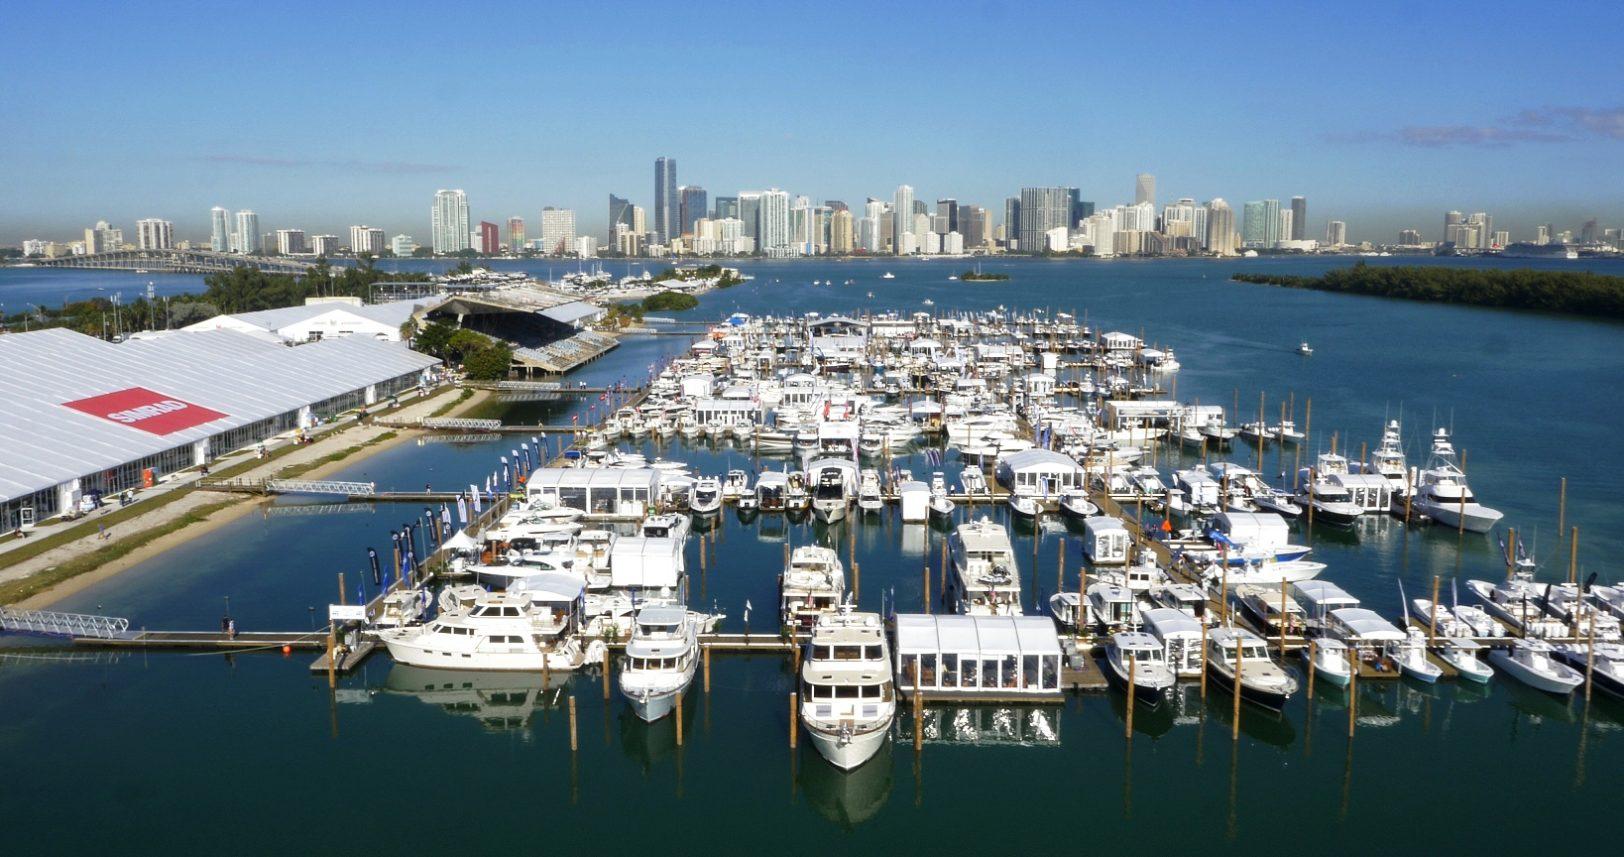 Miami Boat show 2019 - 03R